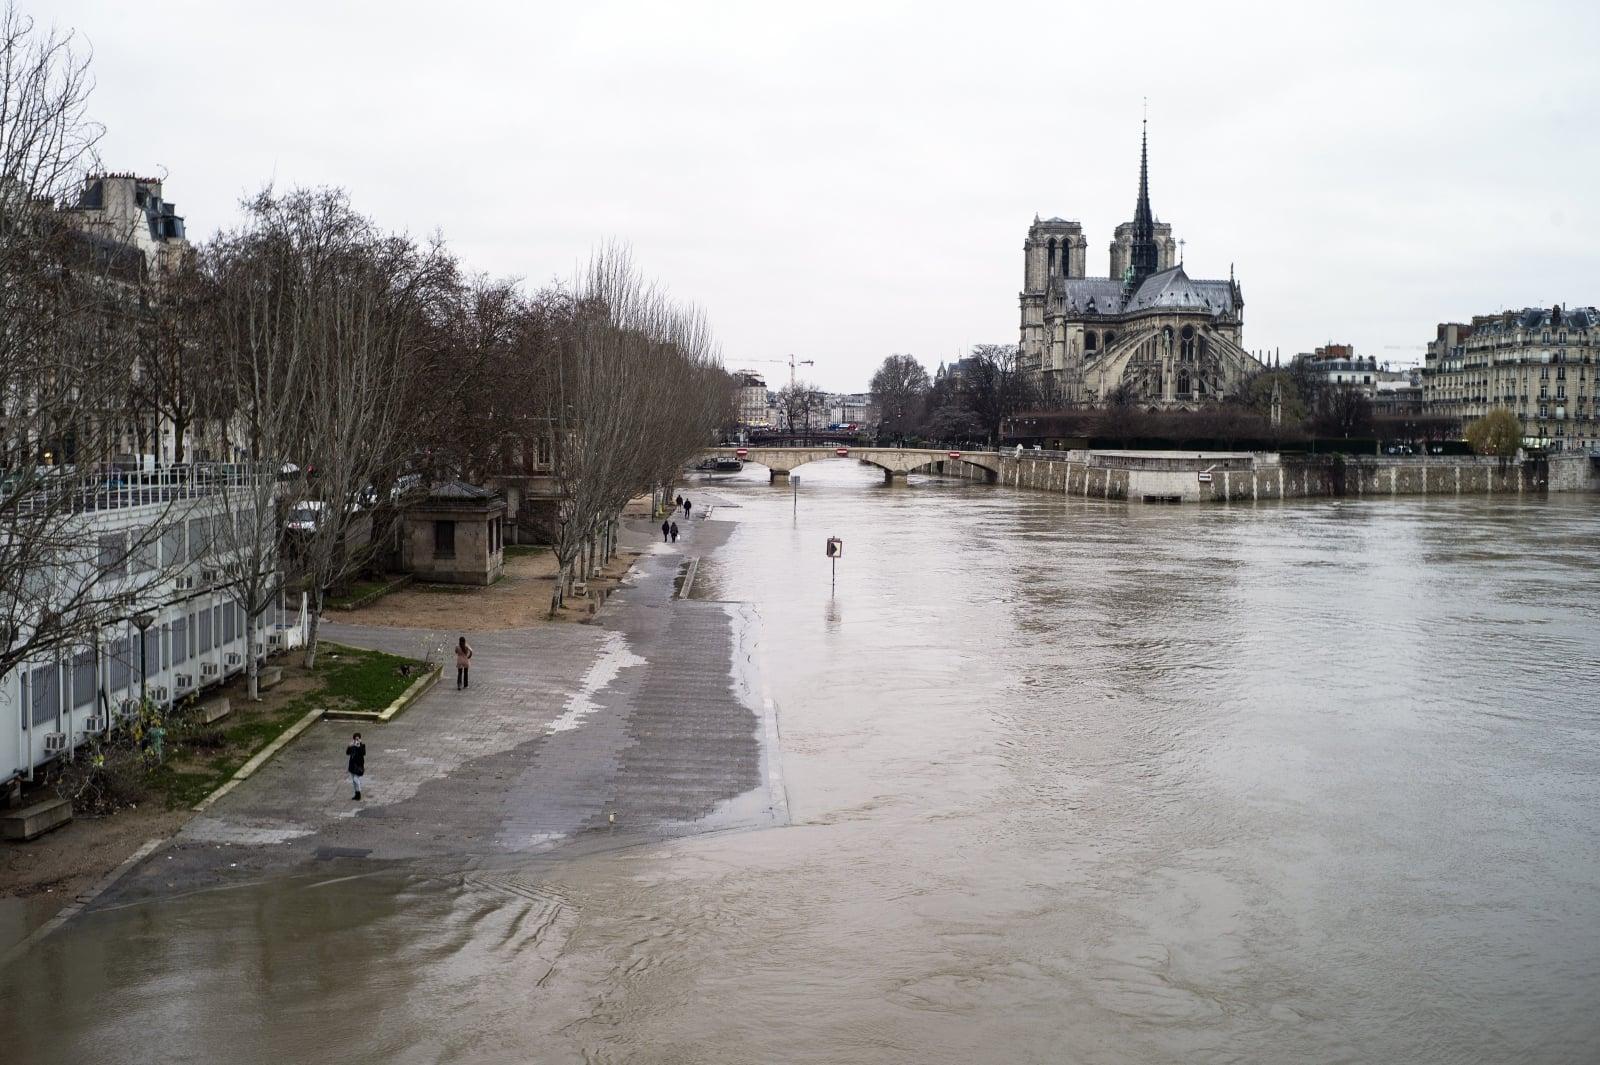 Wysoki stan wody i podtopienia w Paryżu  EPA/YOAN VALAT